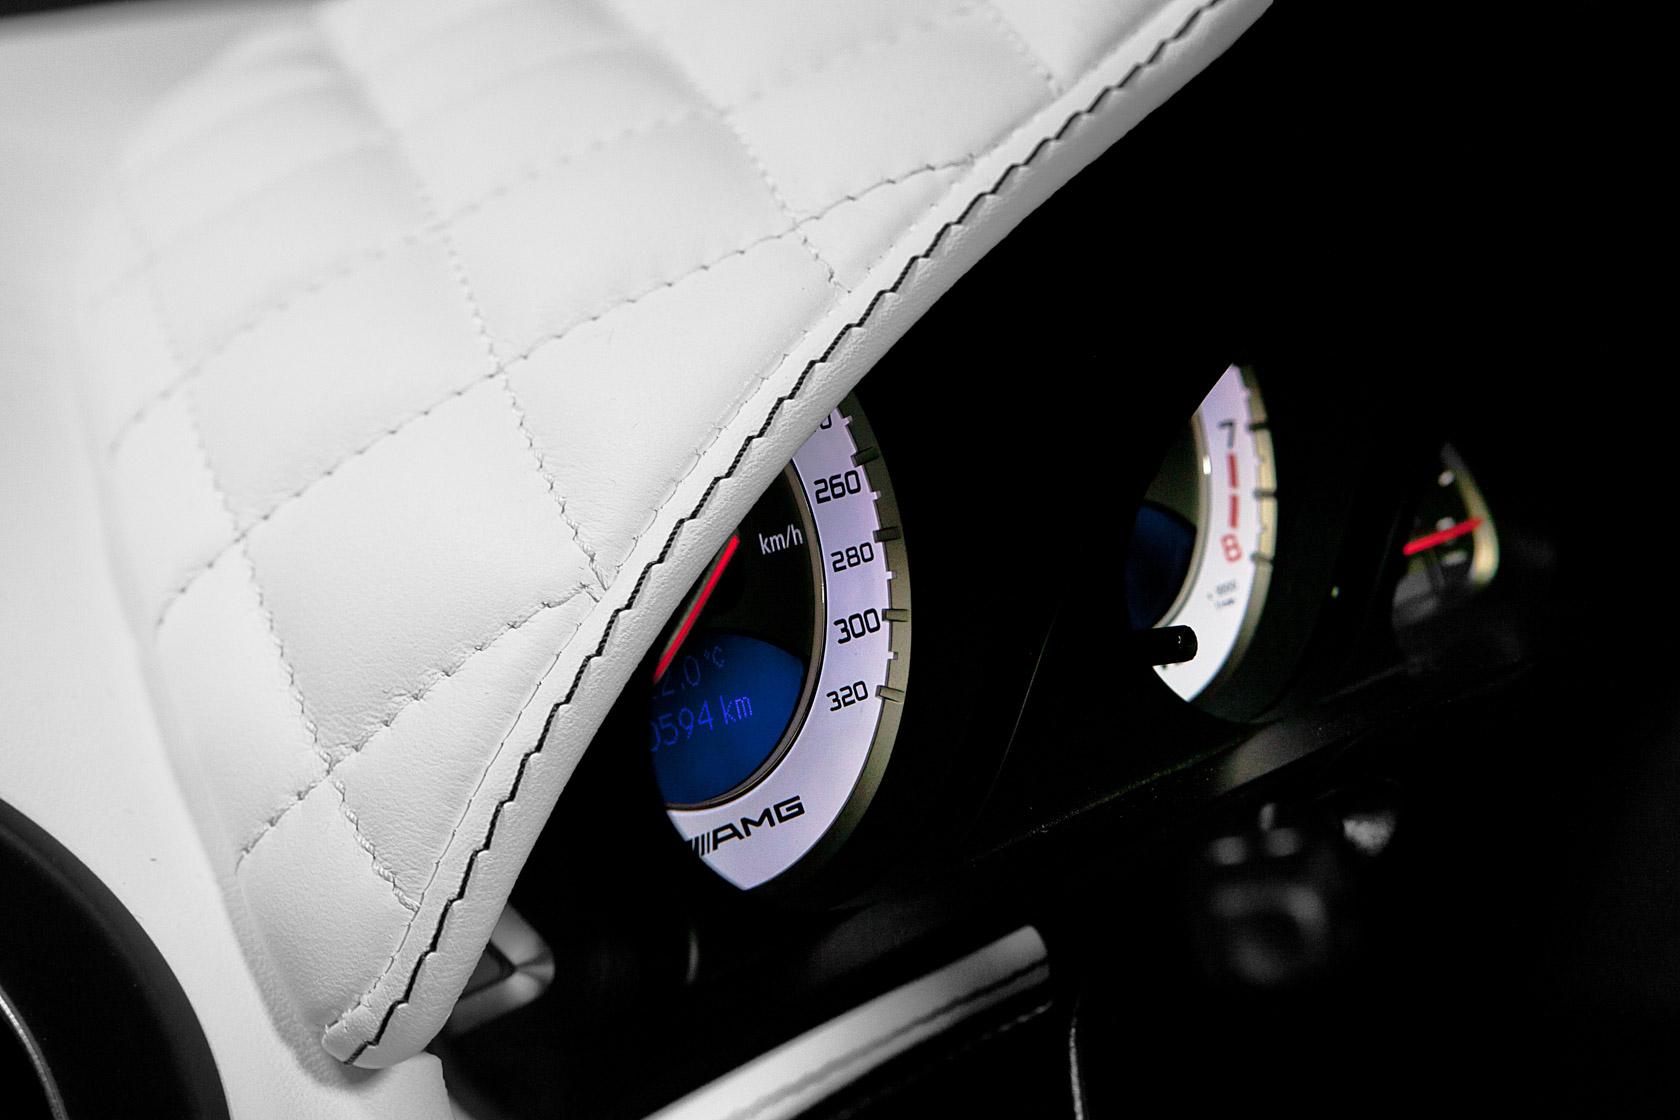 Mercedes Range Rover Interior Design, Dashboard